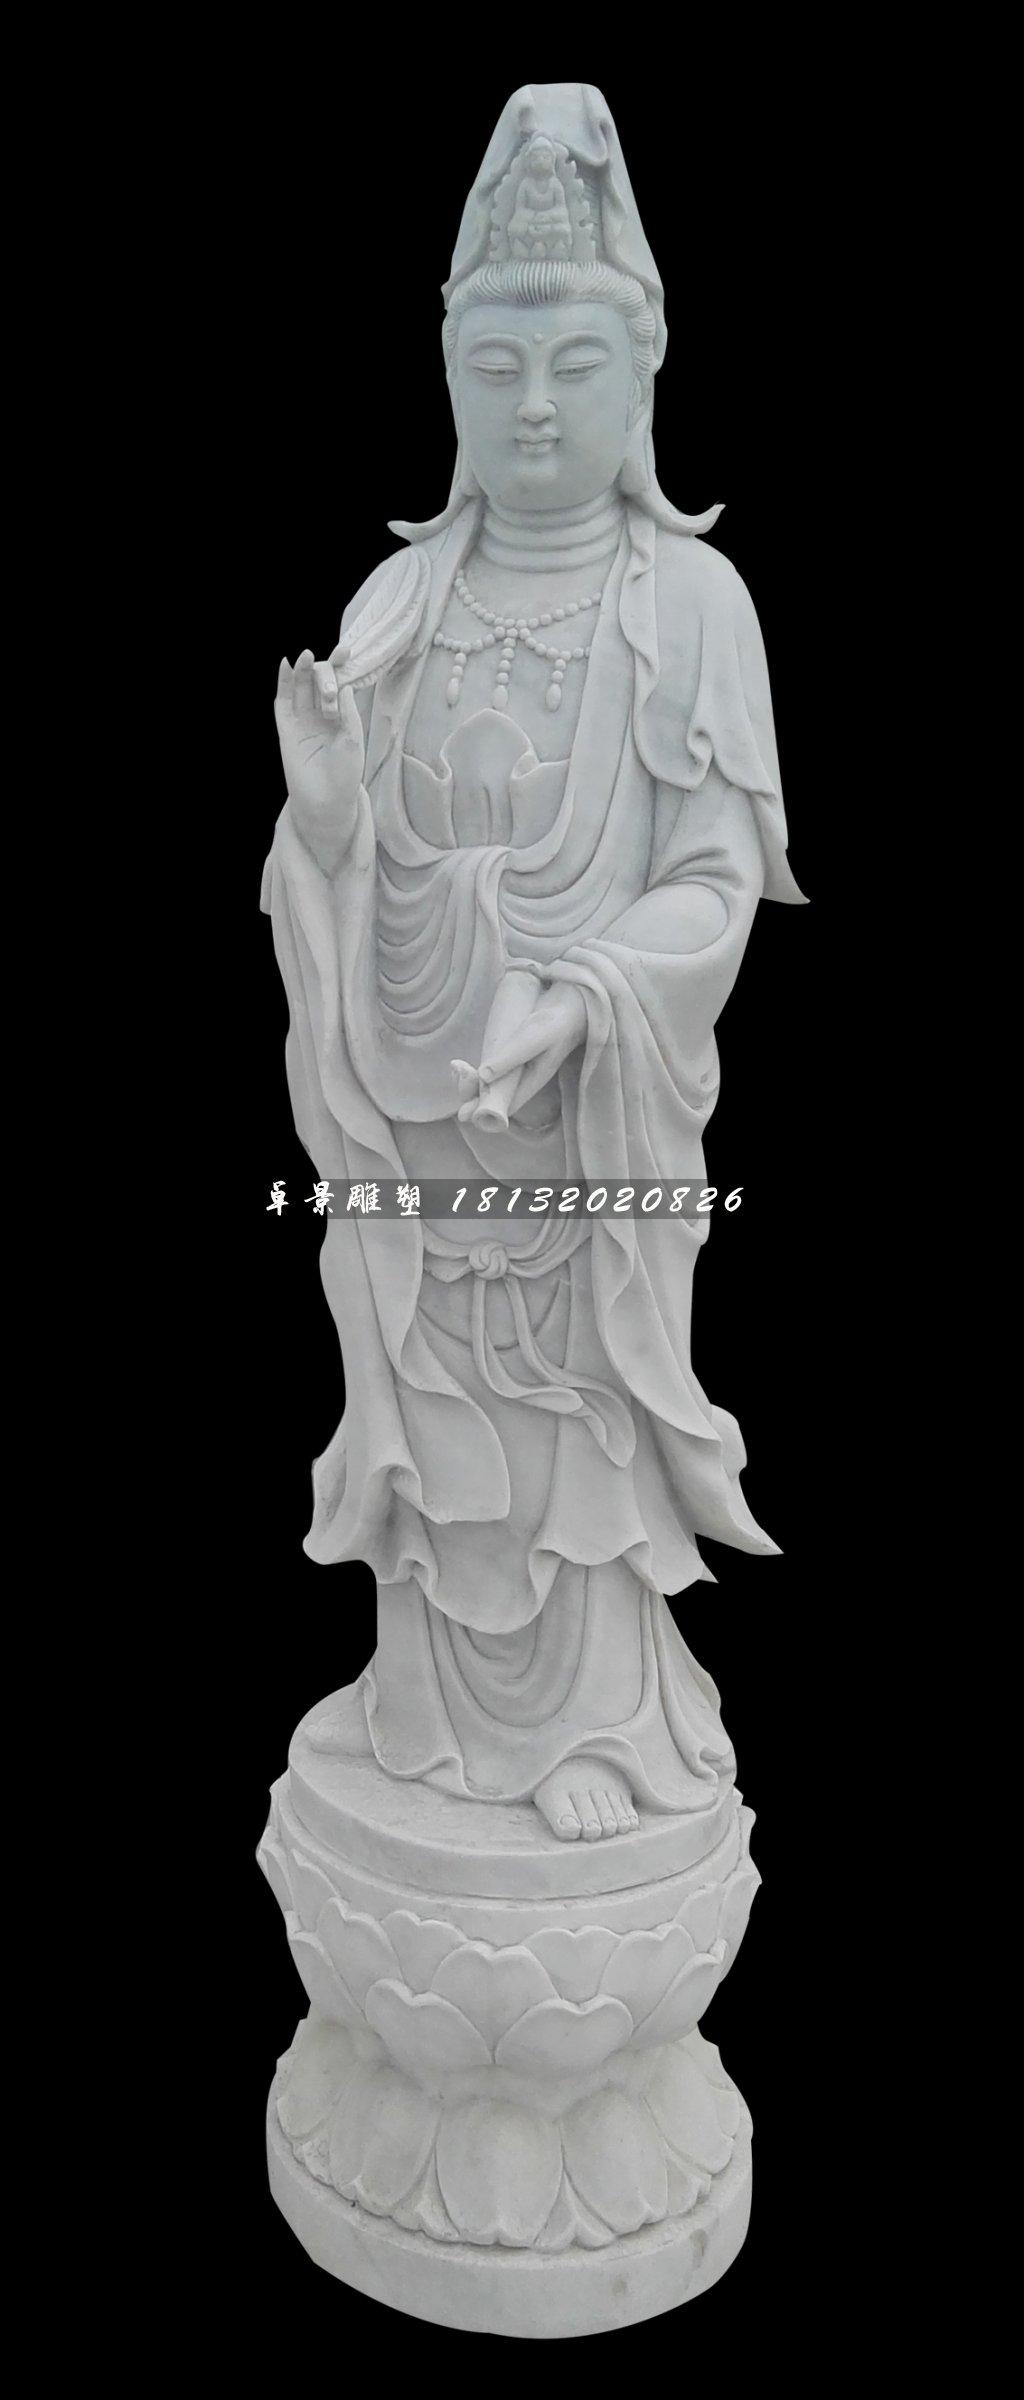 觀世音菩薩石雕,立式佛像石雕